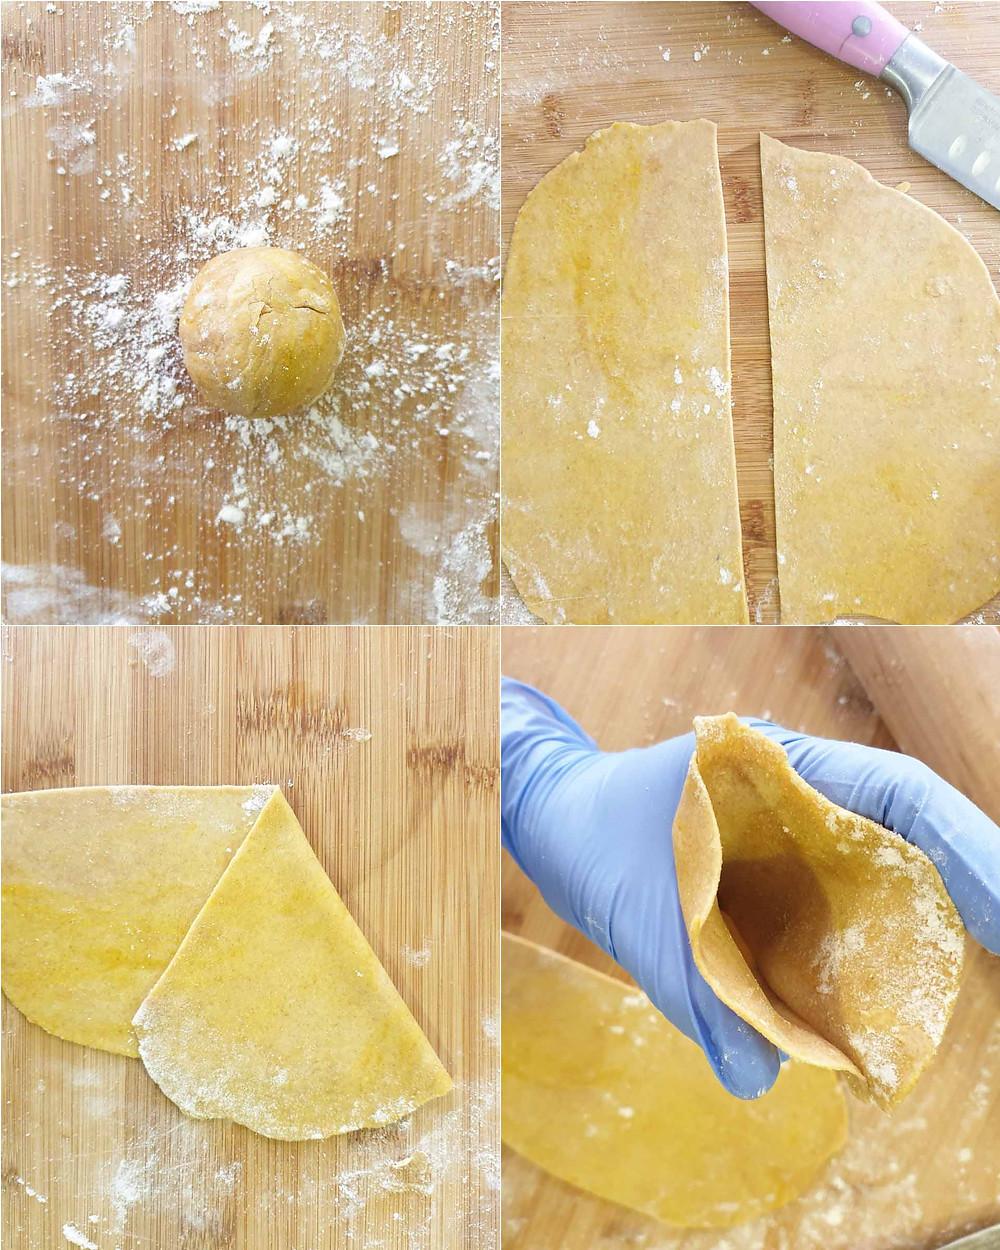 סמוסה טבעונית אפויה מקמח כוסמין מלא לצד יוגורט טבעוני מרענן